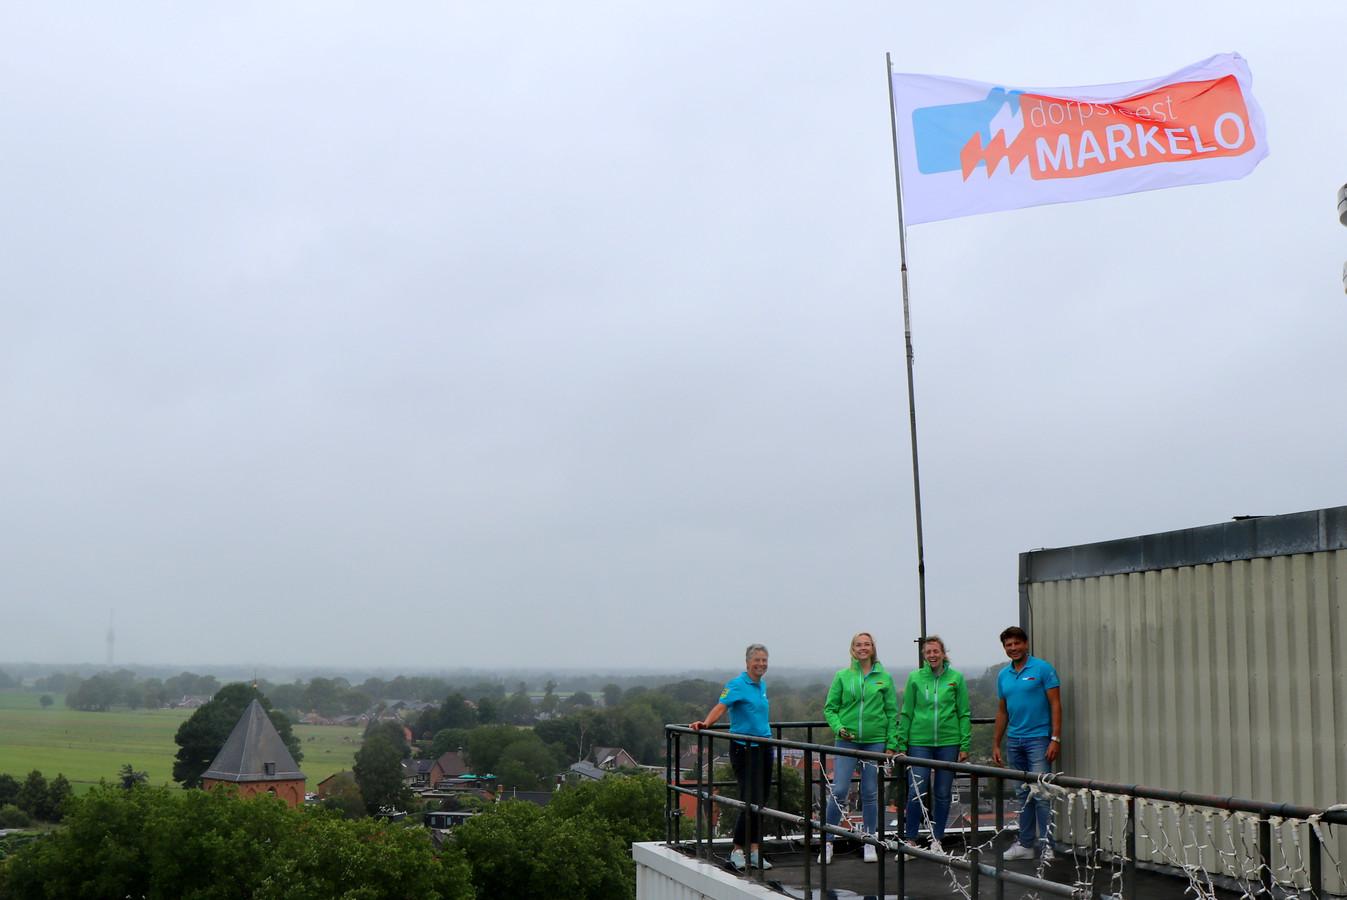 Het dagelijks bestuur van het Dorpsfeest Markelo op de silo van veevoederfabriek ABZ.